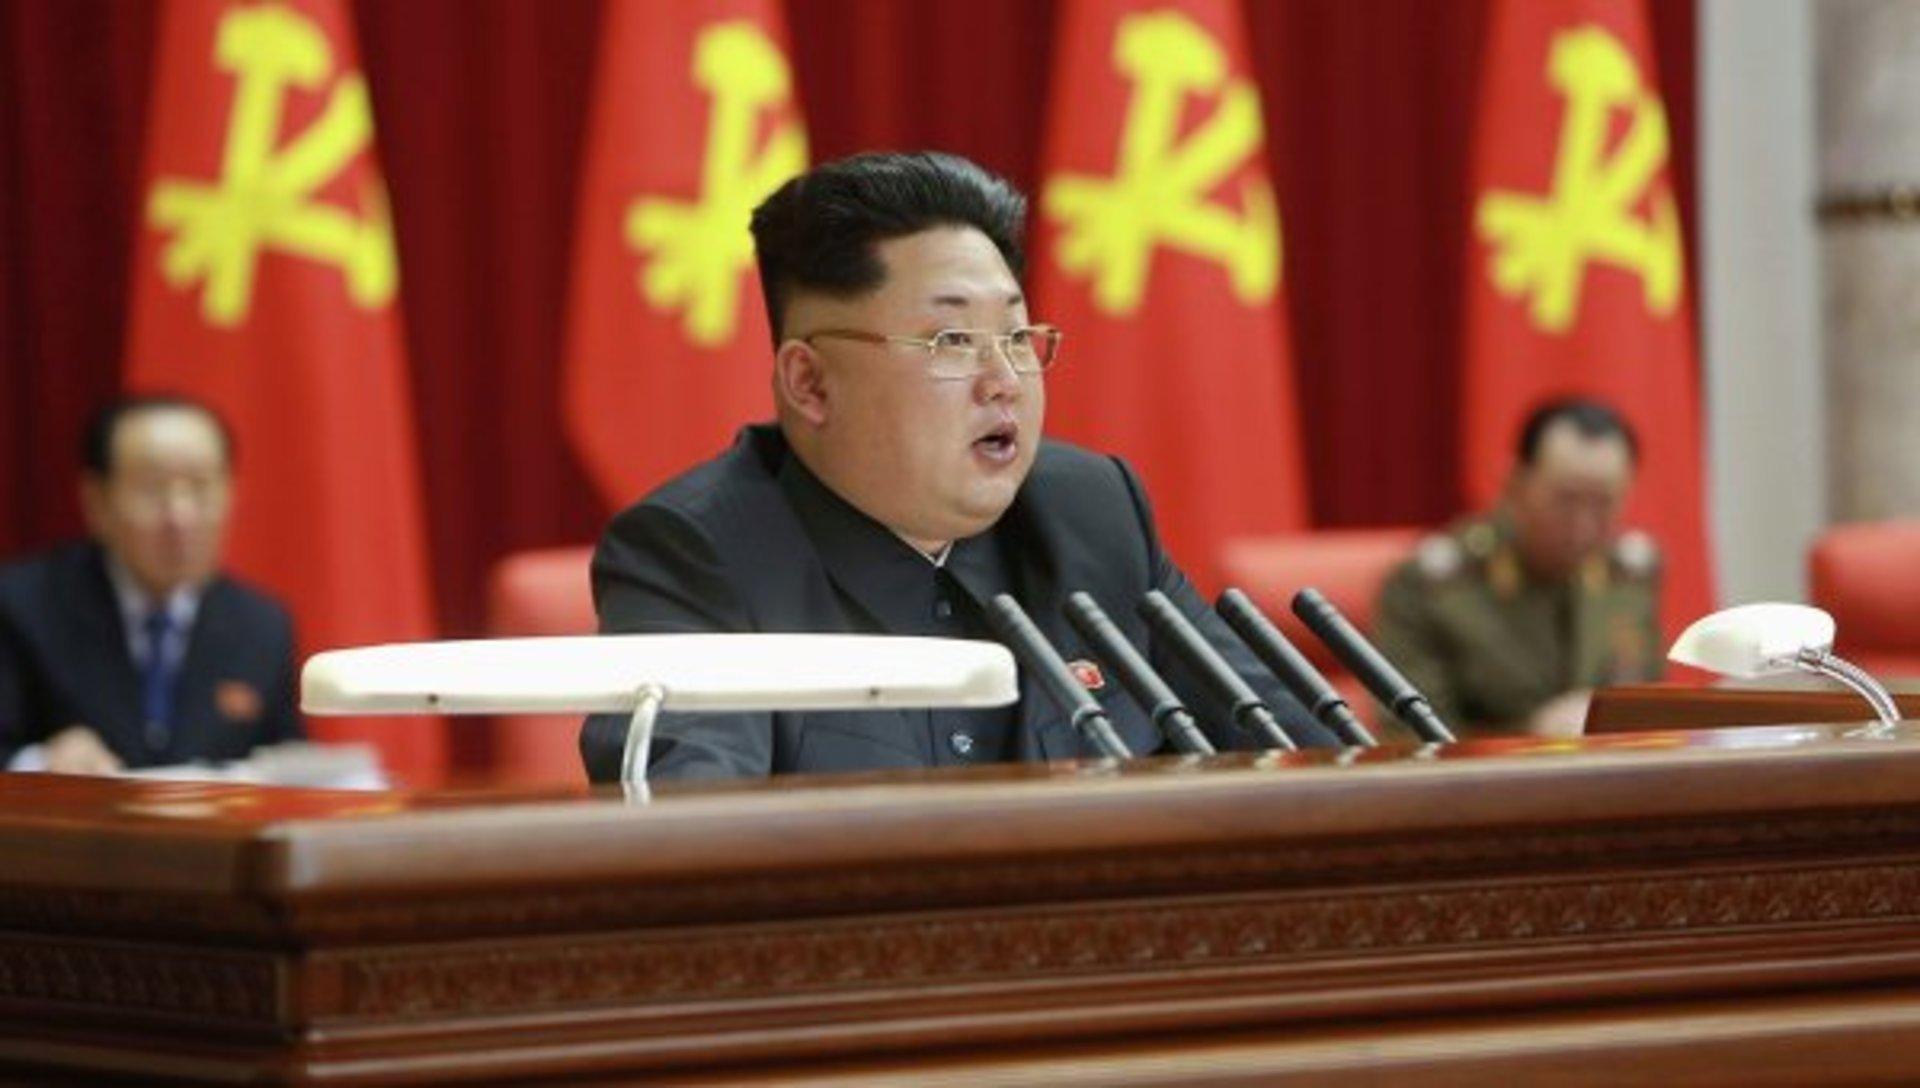 Сестра руководителя КНДР посетит Южную Корею всоставе олимпийской делегации